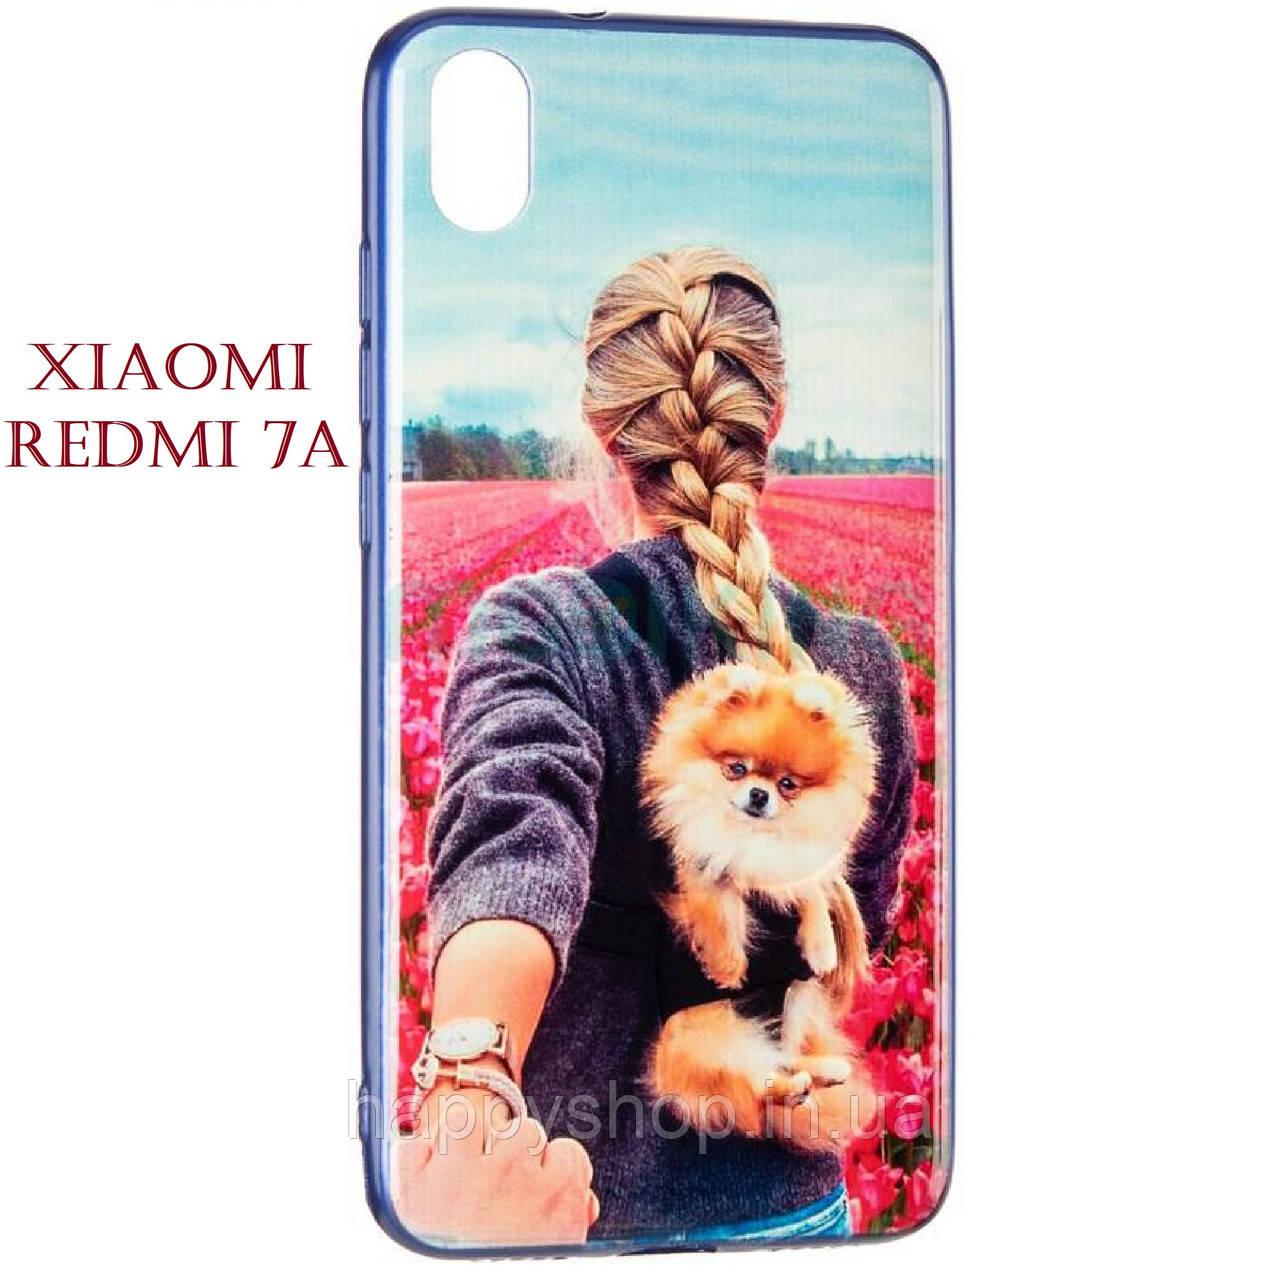 Чехол-накладка Gelius QR для Xiaomi Redmi 7a (Spitz)